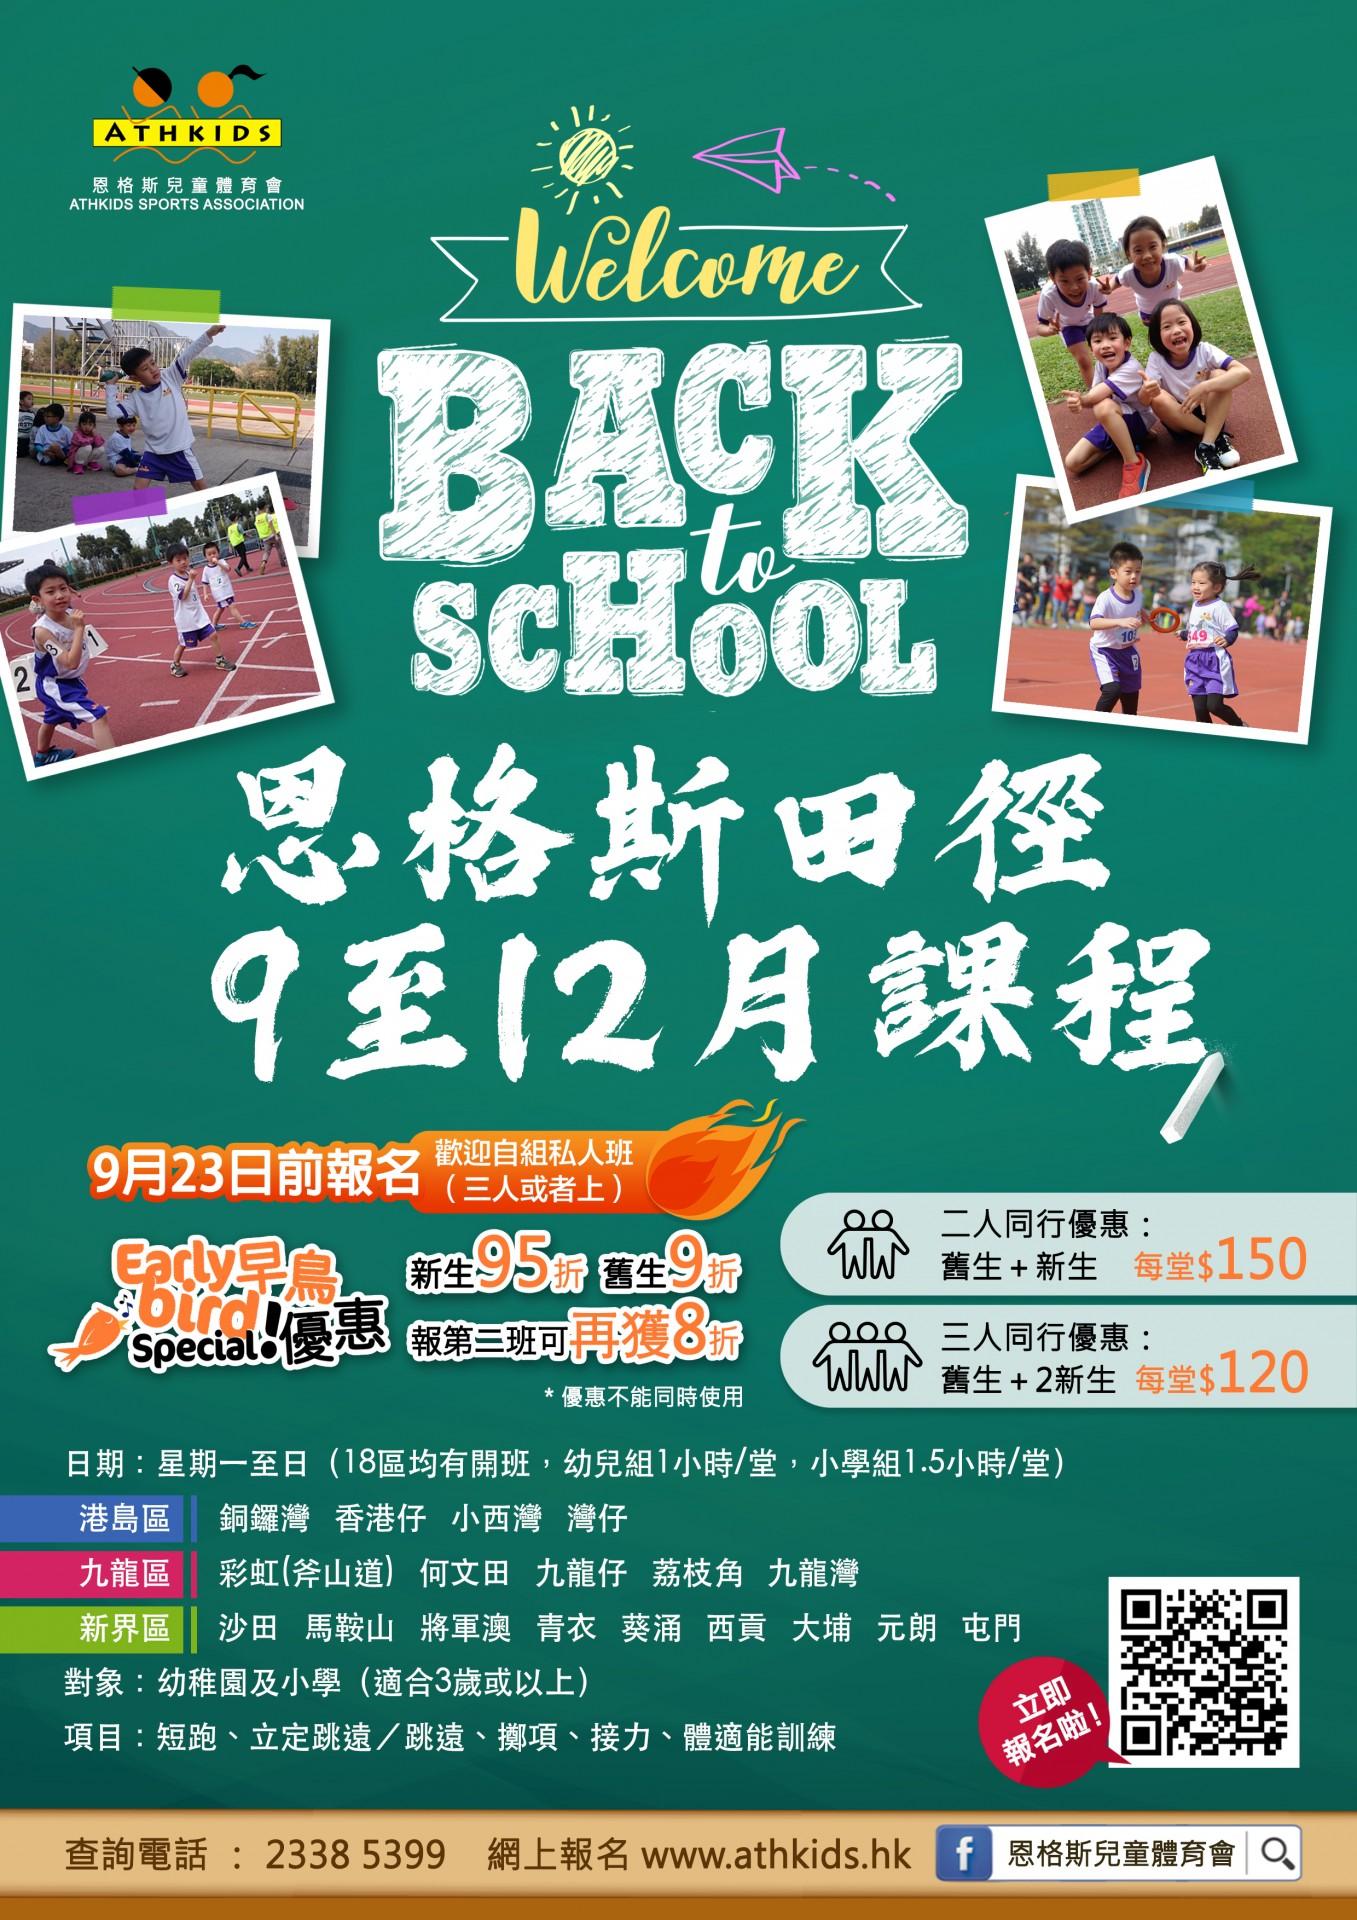 【恩格斯Back to School 9-12月田徑班】(現正招生)